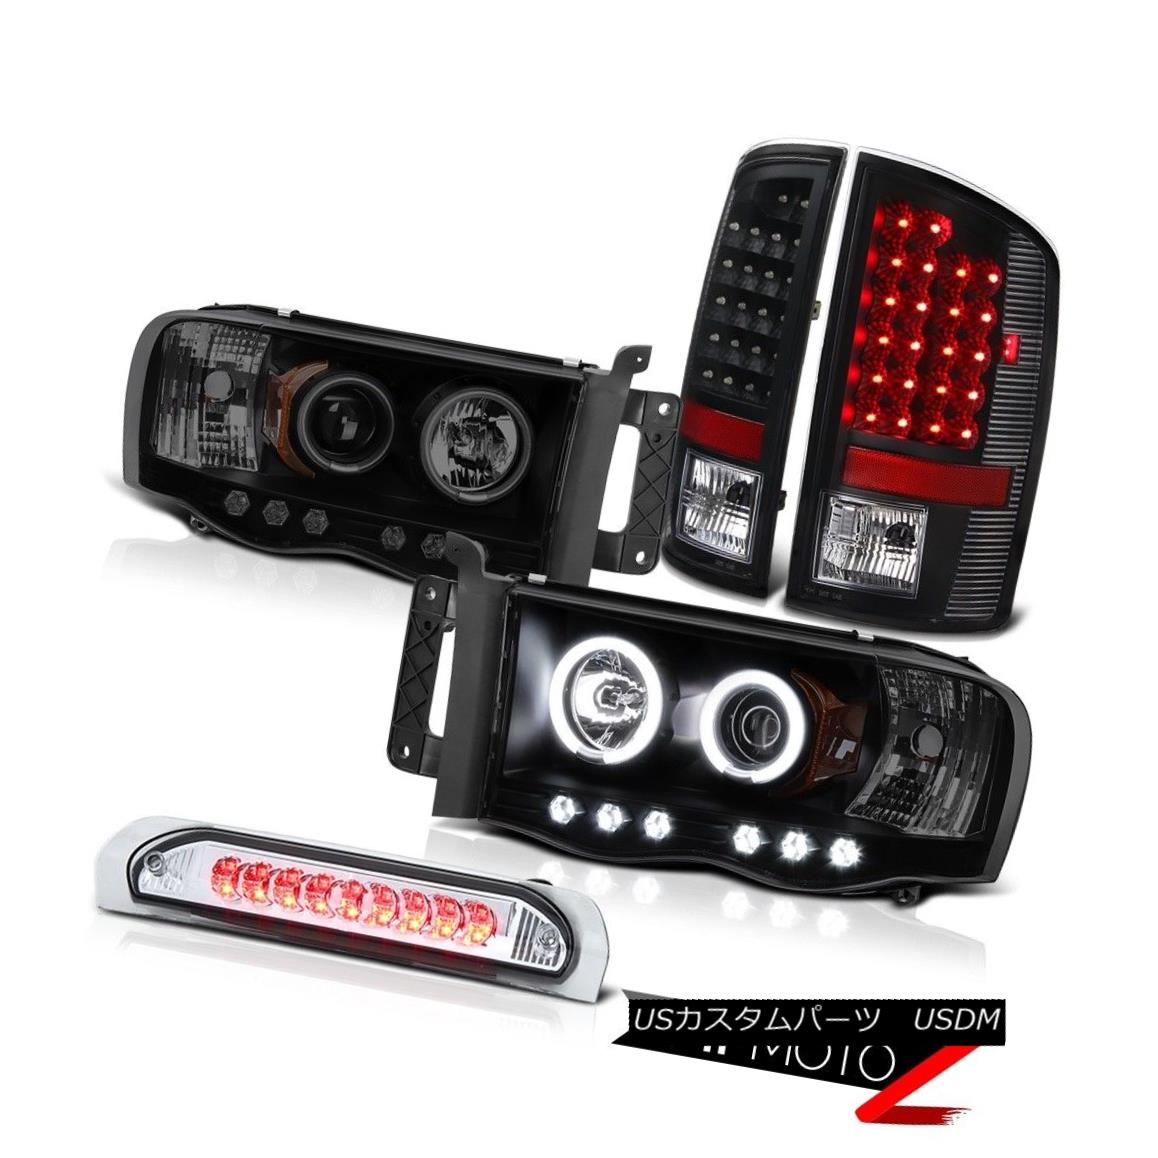 車用品 バイク用品 >> パーツ ライト ランプ ヘッドライト 2002-2005 Ram 3500 ST 入荷予定 Signal Brake CCFL Halo Tail Bright Headlight Chrome Light Haloヘッドライト信号ブレーキテールライトクローム 新色追加して再販